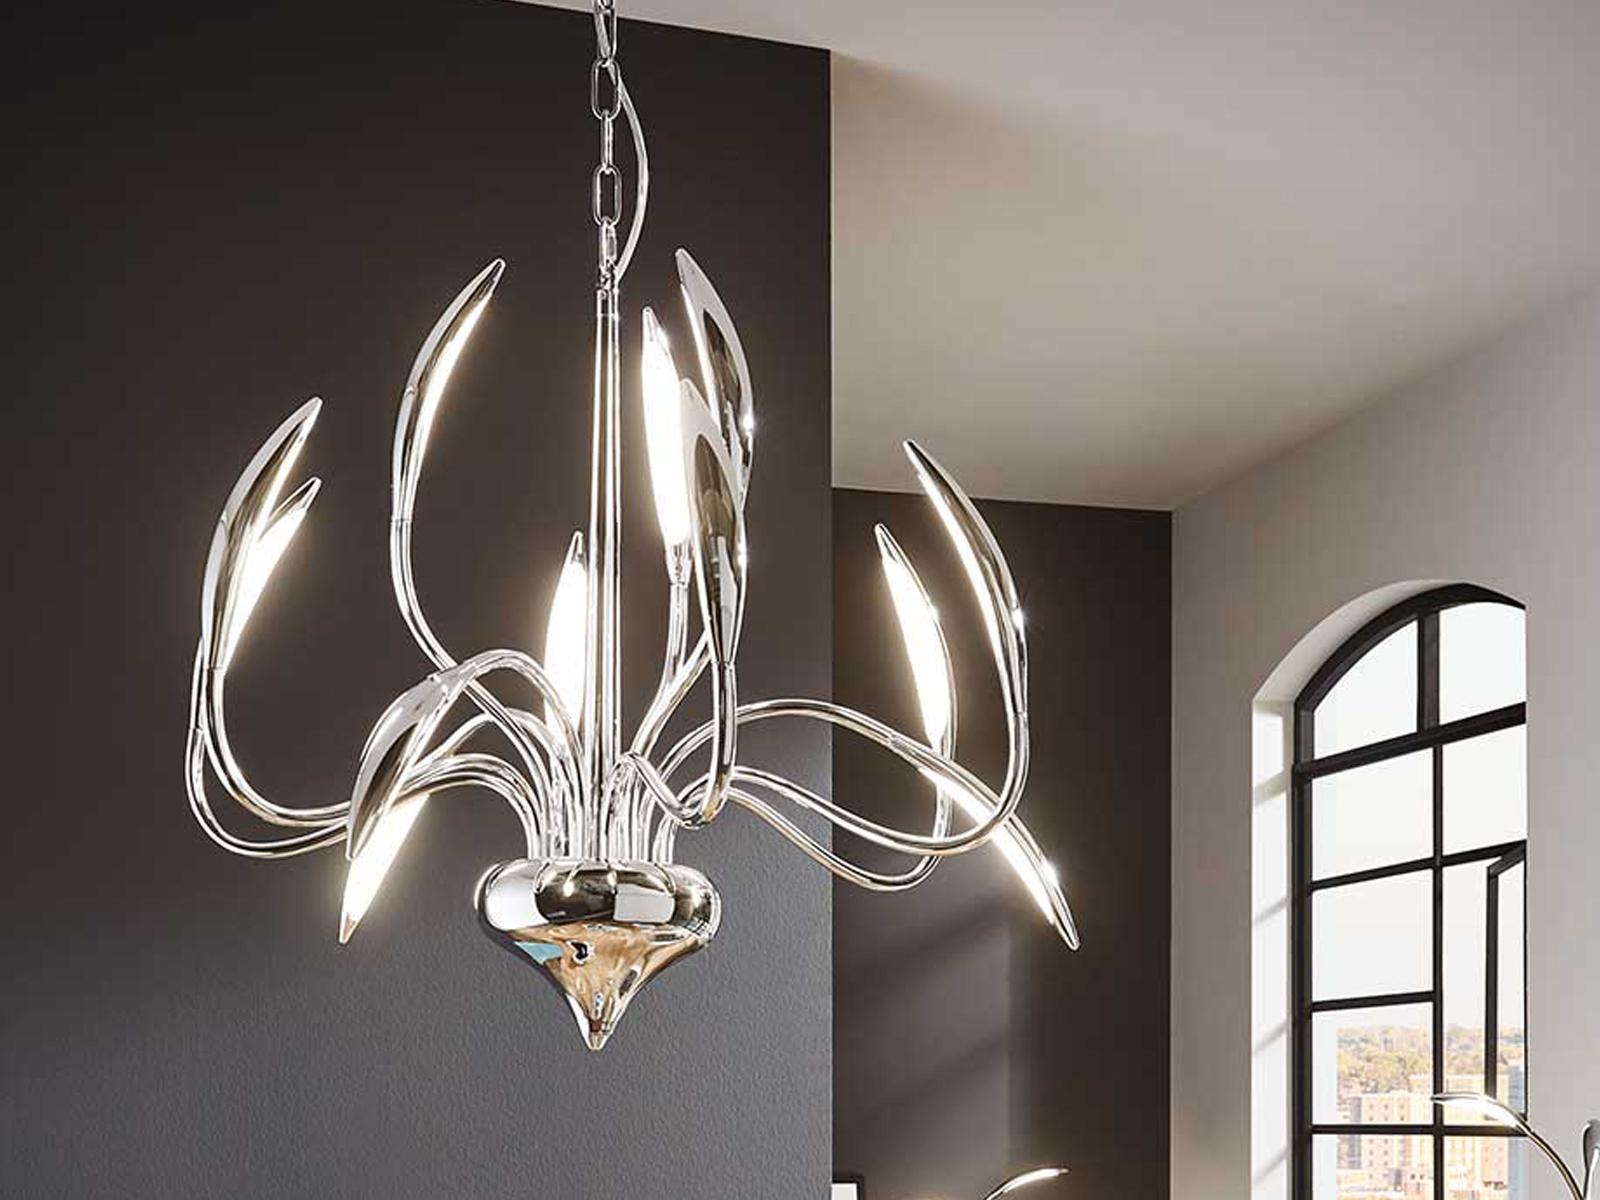 Inspirierend Kronleuchter Modern Dekoration Von Das Bild Wird Geladen Led-pendelleuchte-dimmbar-kronleuchter-modern -70cm-wofi-leuchten